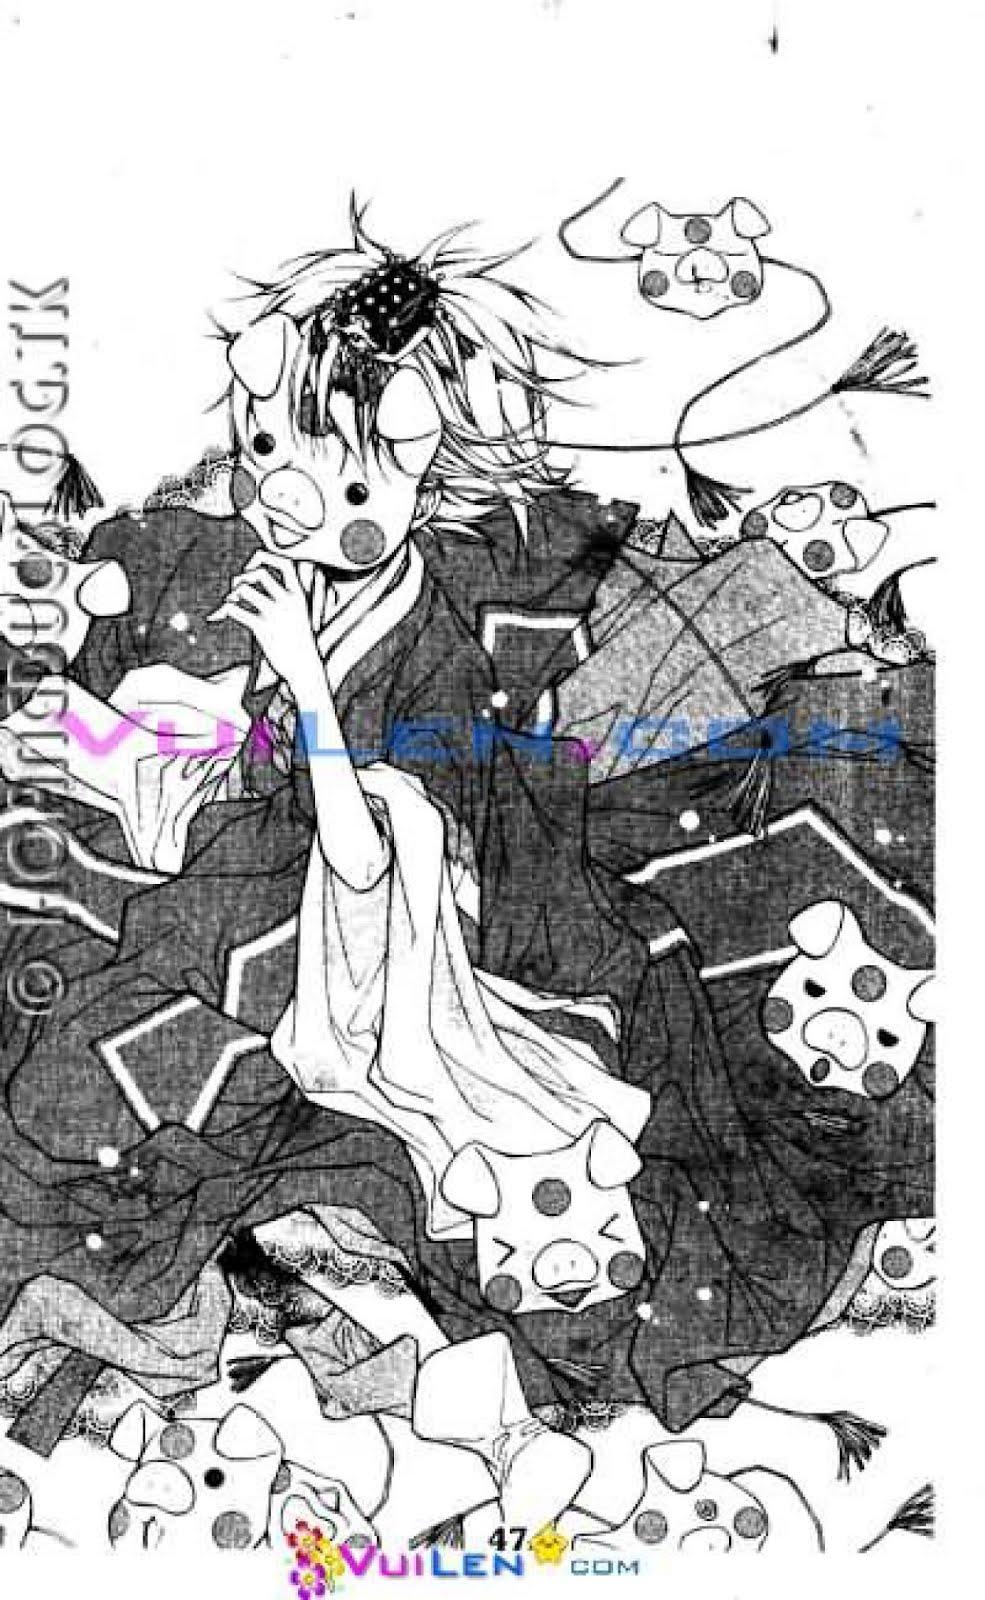 Cô dâu Heo - Pig Bride Chapter 1 - Trang 46